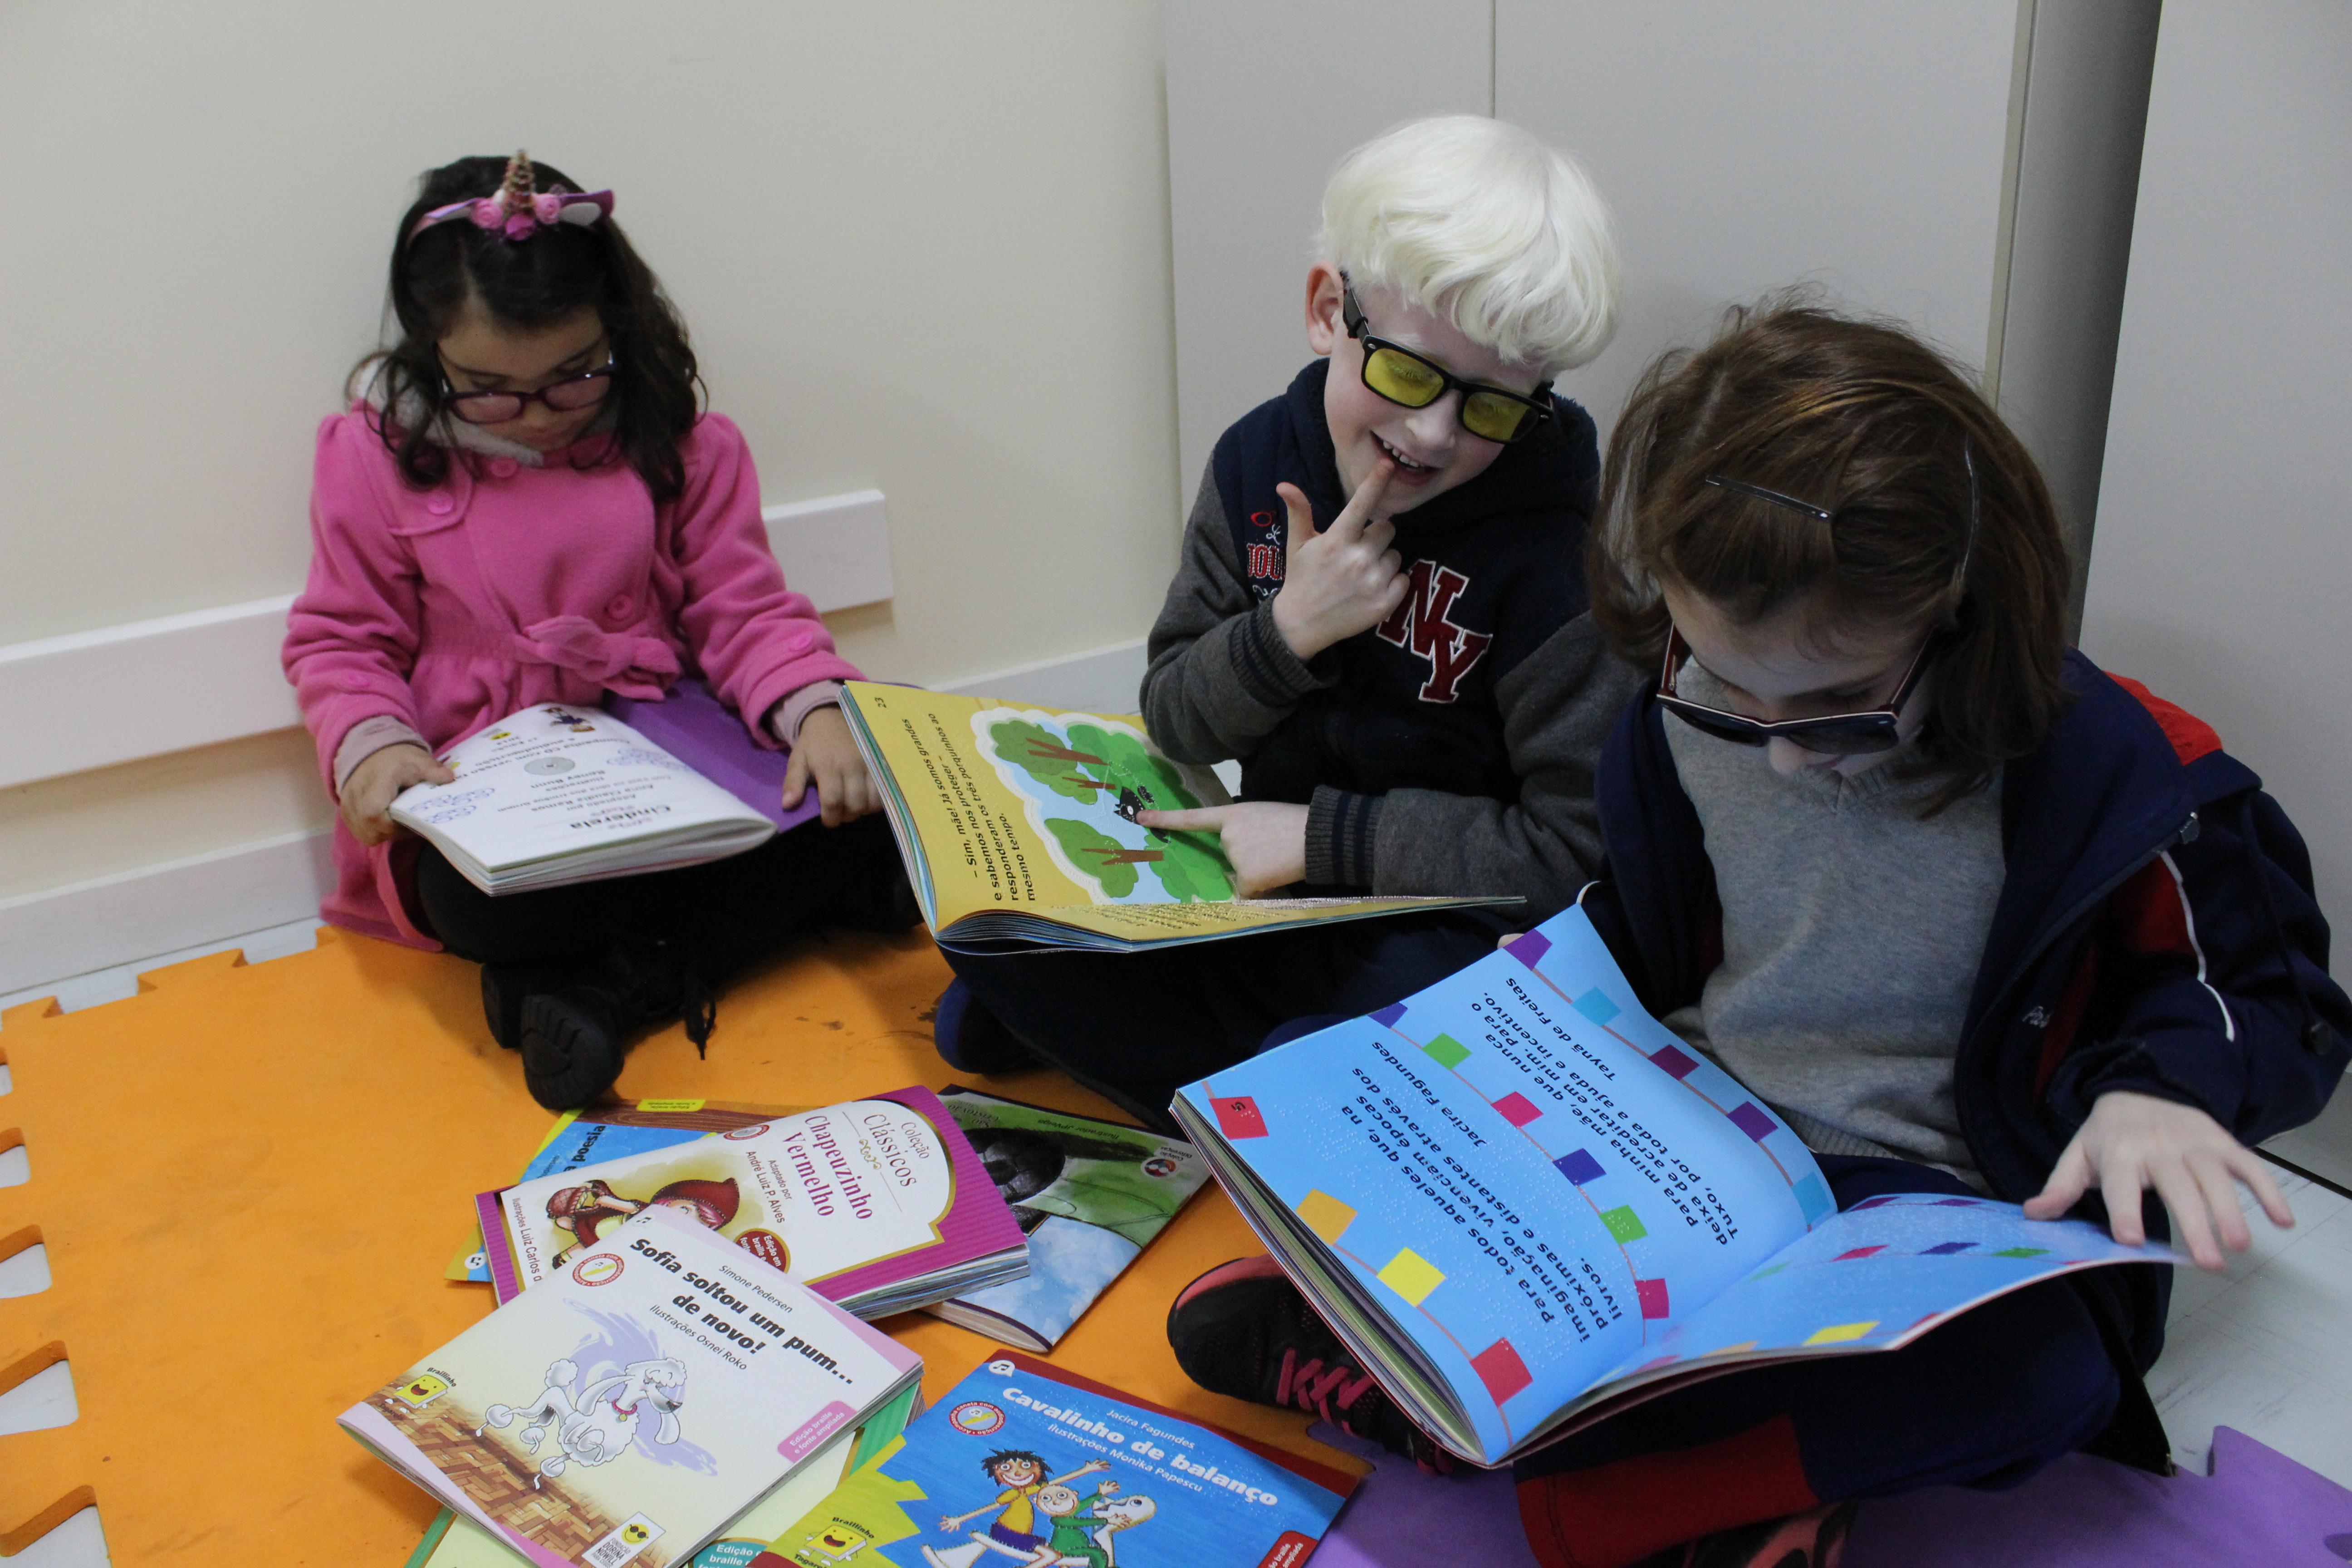 Descrição da imagem: Três crianças, duas garotas e um garoto, sentados sob tapetes coloridos, leem livros em braile. Fim da descrição de imagem.